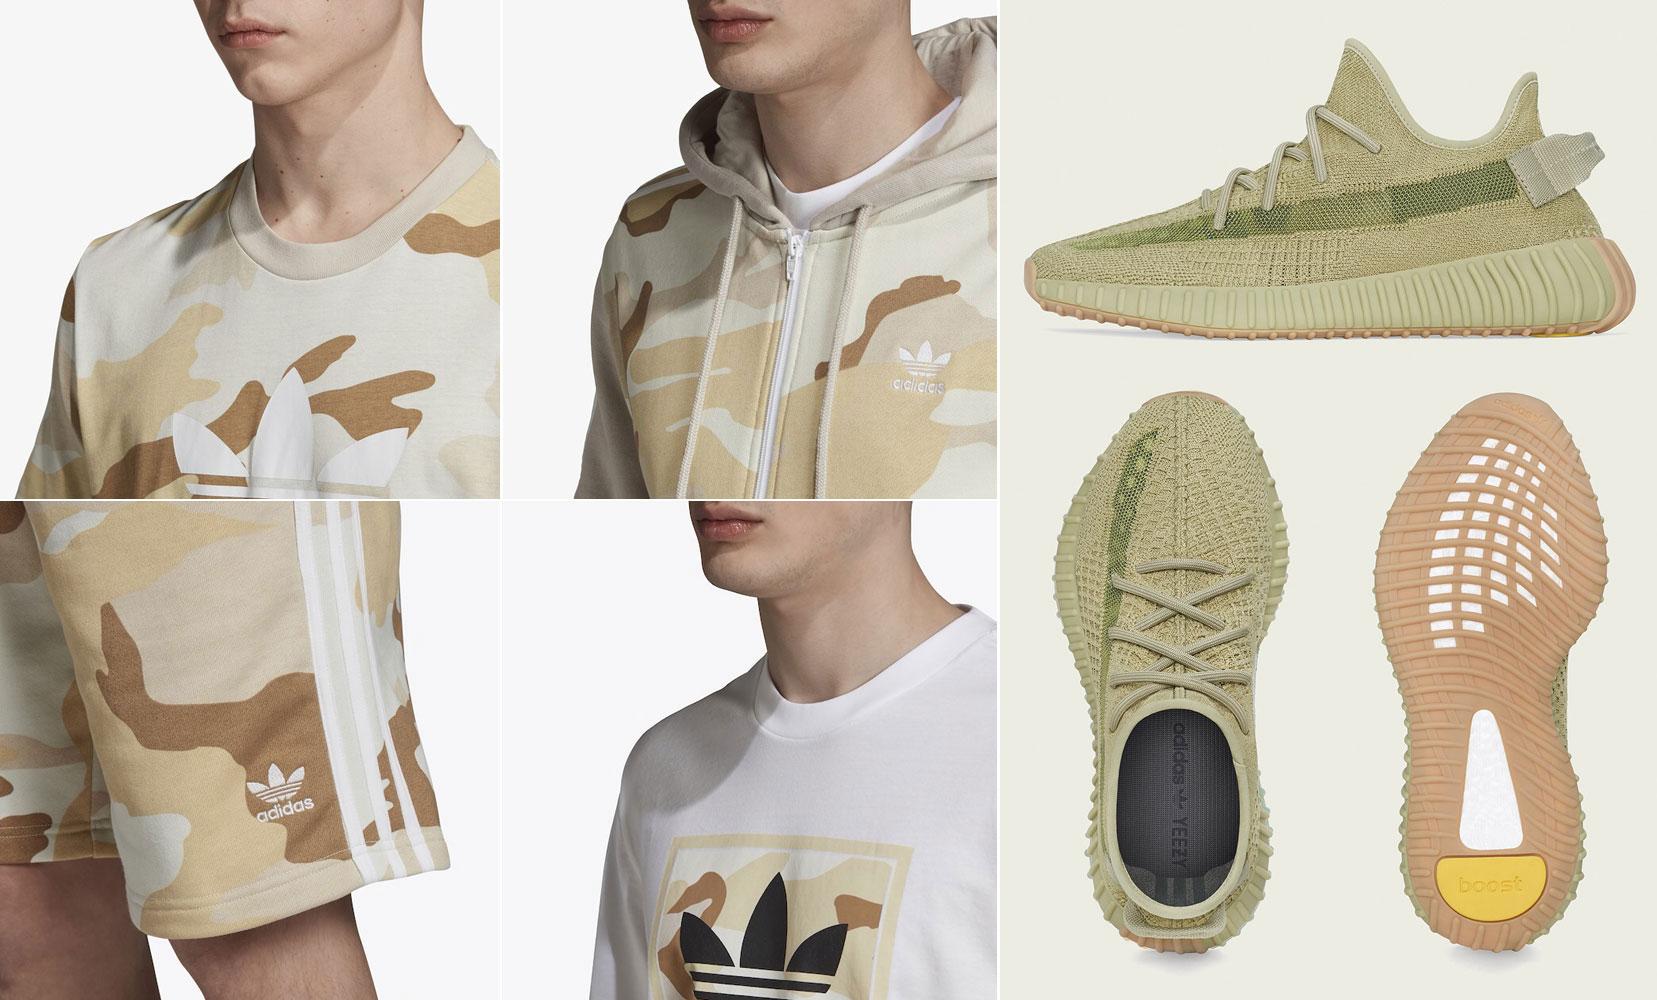 yeezy-350-v2-sulfur-adidas-clothing